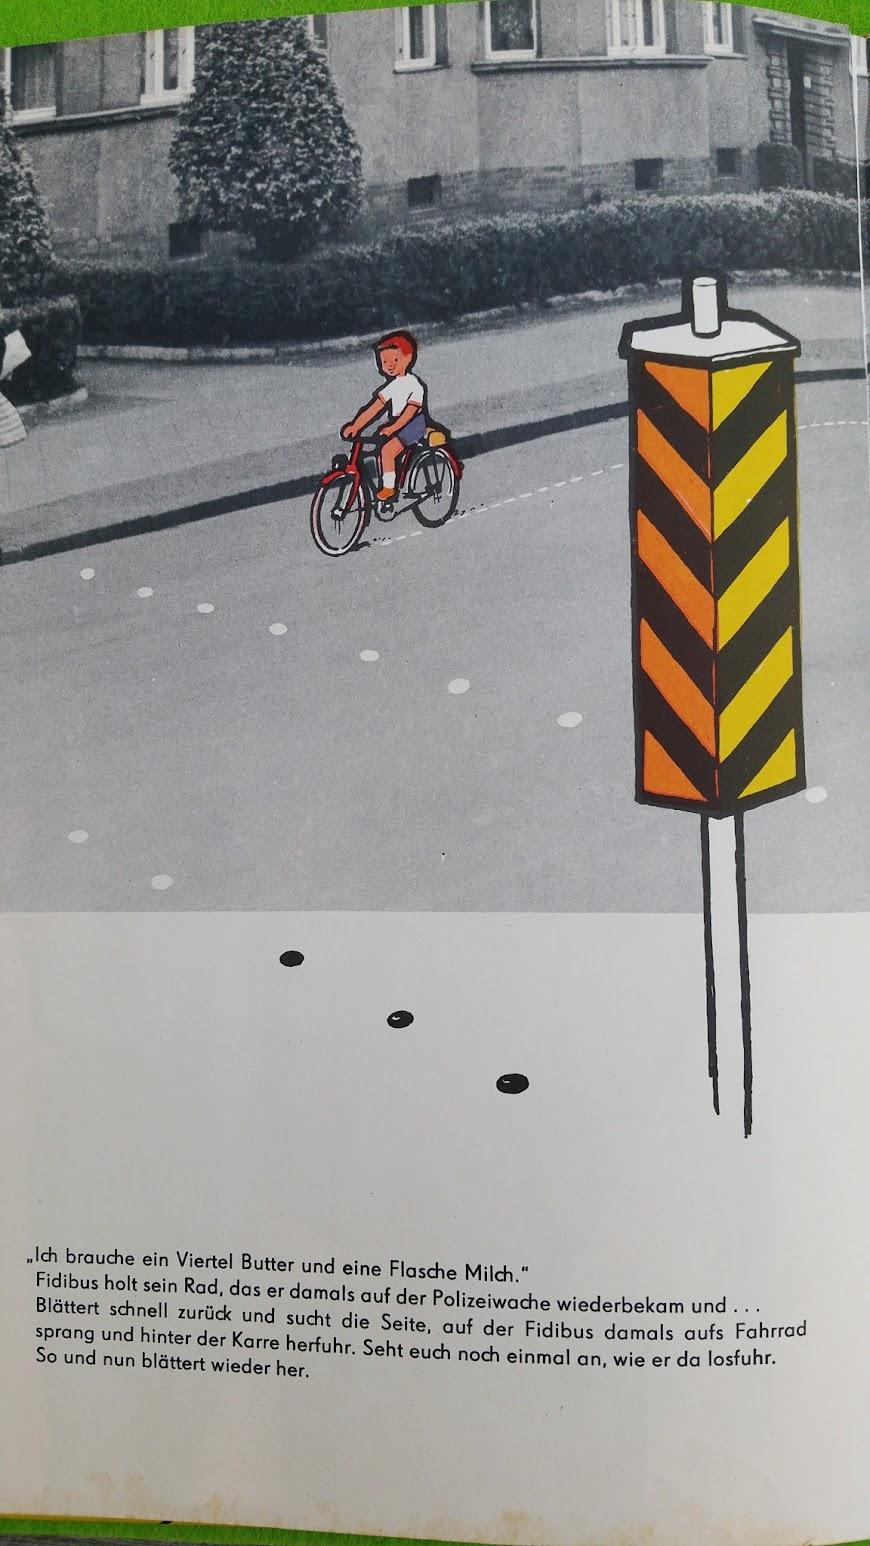 Fidibus paß auf - Kinderbuch zur Verkehrserziehung - DDR - 1959